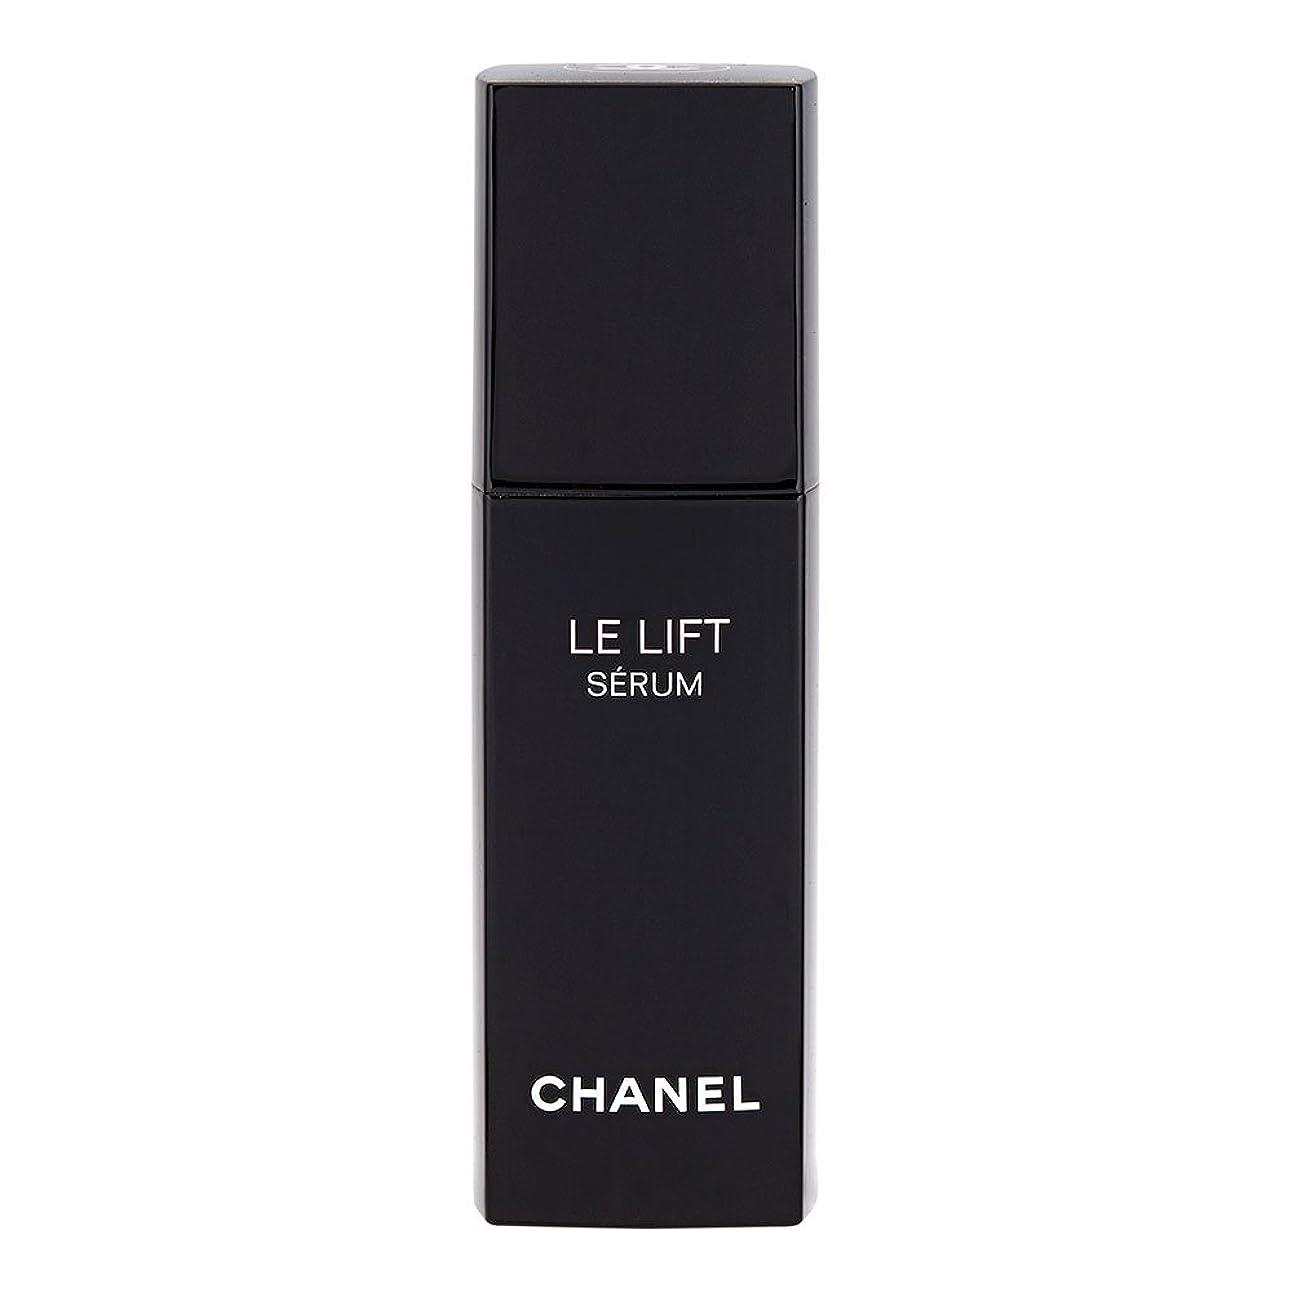 発見分類少なくともシャネル(CHANEL) LE L セラム 50ml (美容液)[並行輸入品]